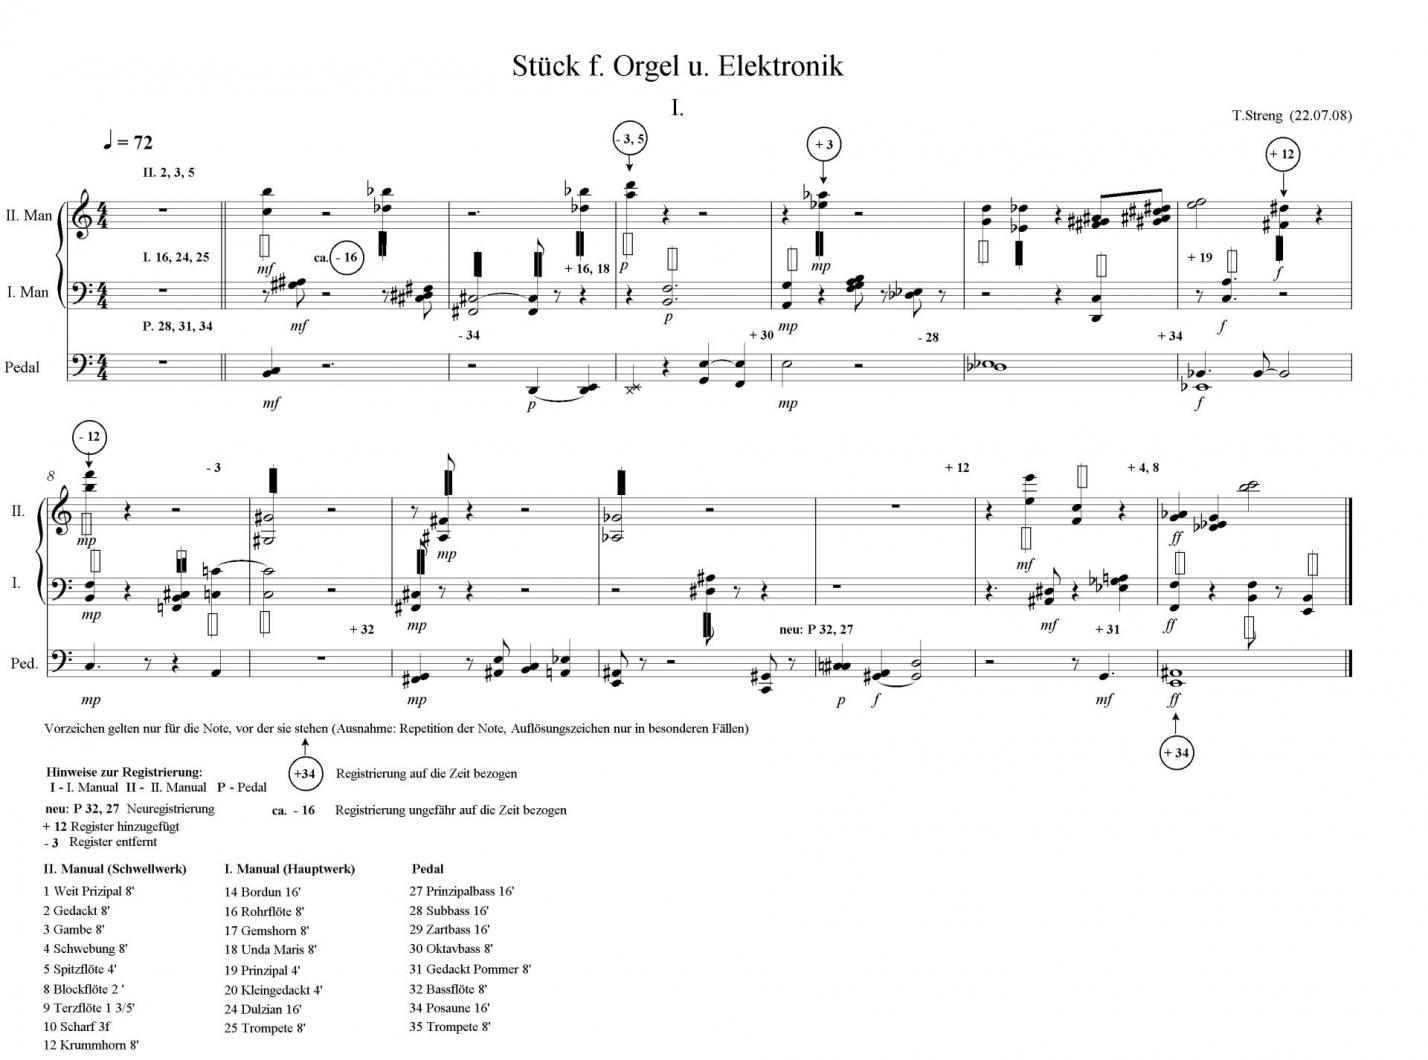 Stck-f-Orgel-skizzen-T1-0d-rev-1209_1920x_1426